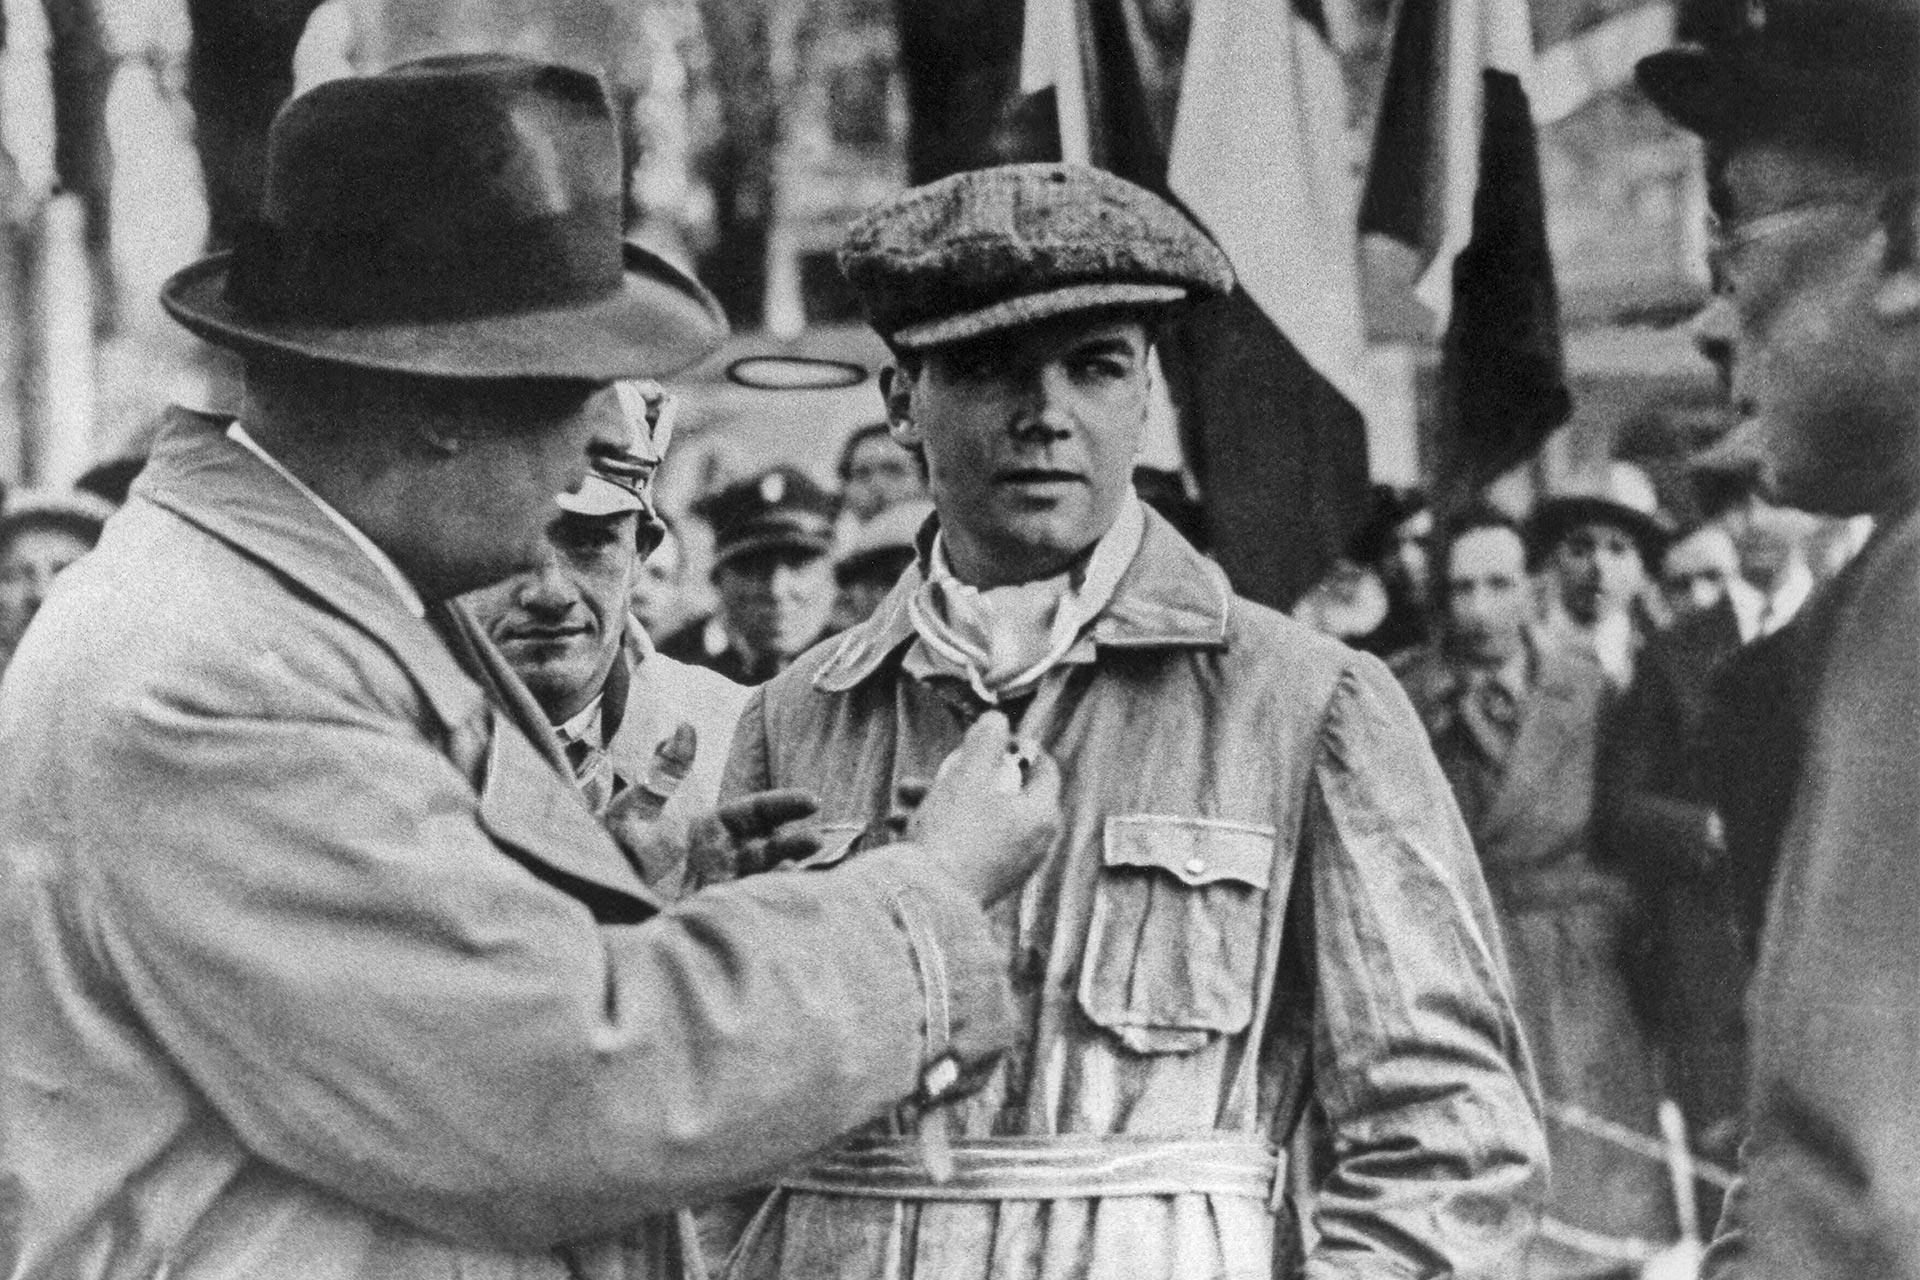 """000-Meilen-Rennen """"Mille Miglia"""" mit Start und Ziel in Brescia, 12./13. April 1931. Rennleiter Alfred Neubauer und der Sieger Rudolf Caracciola mit Beifahrer Wilhelm Sebastian (in der Mitte)."""